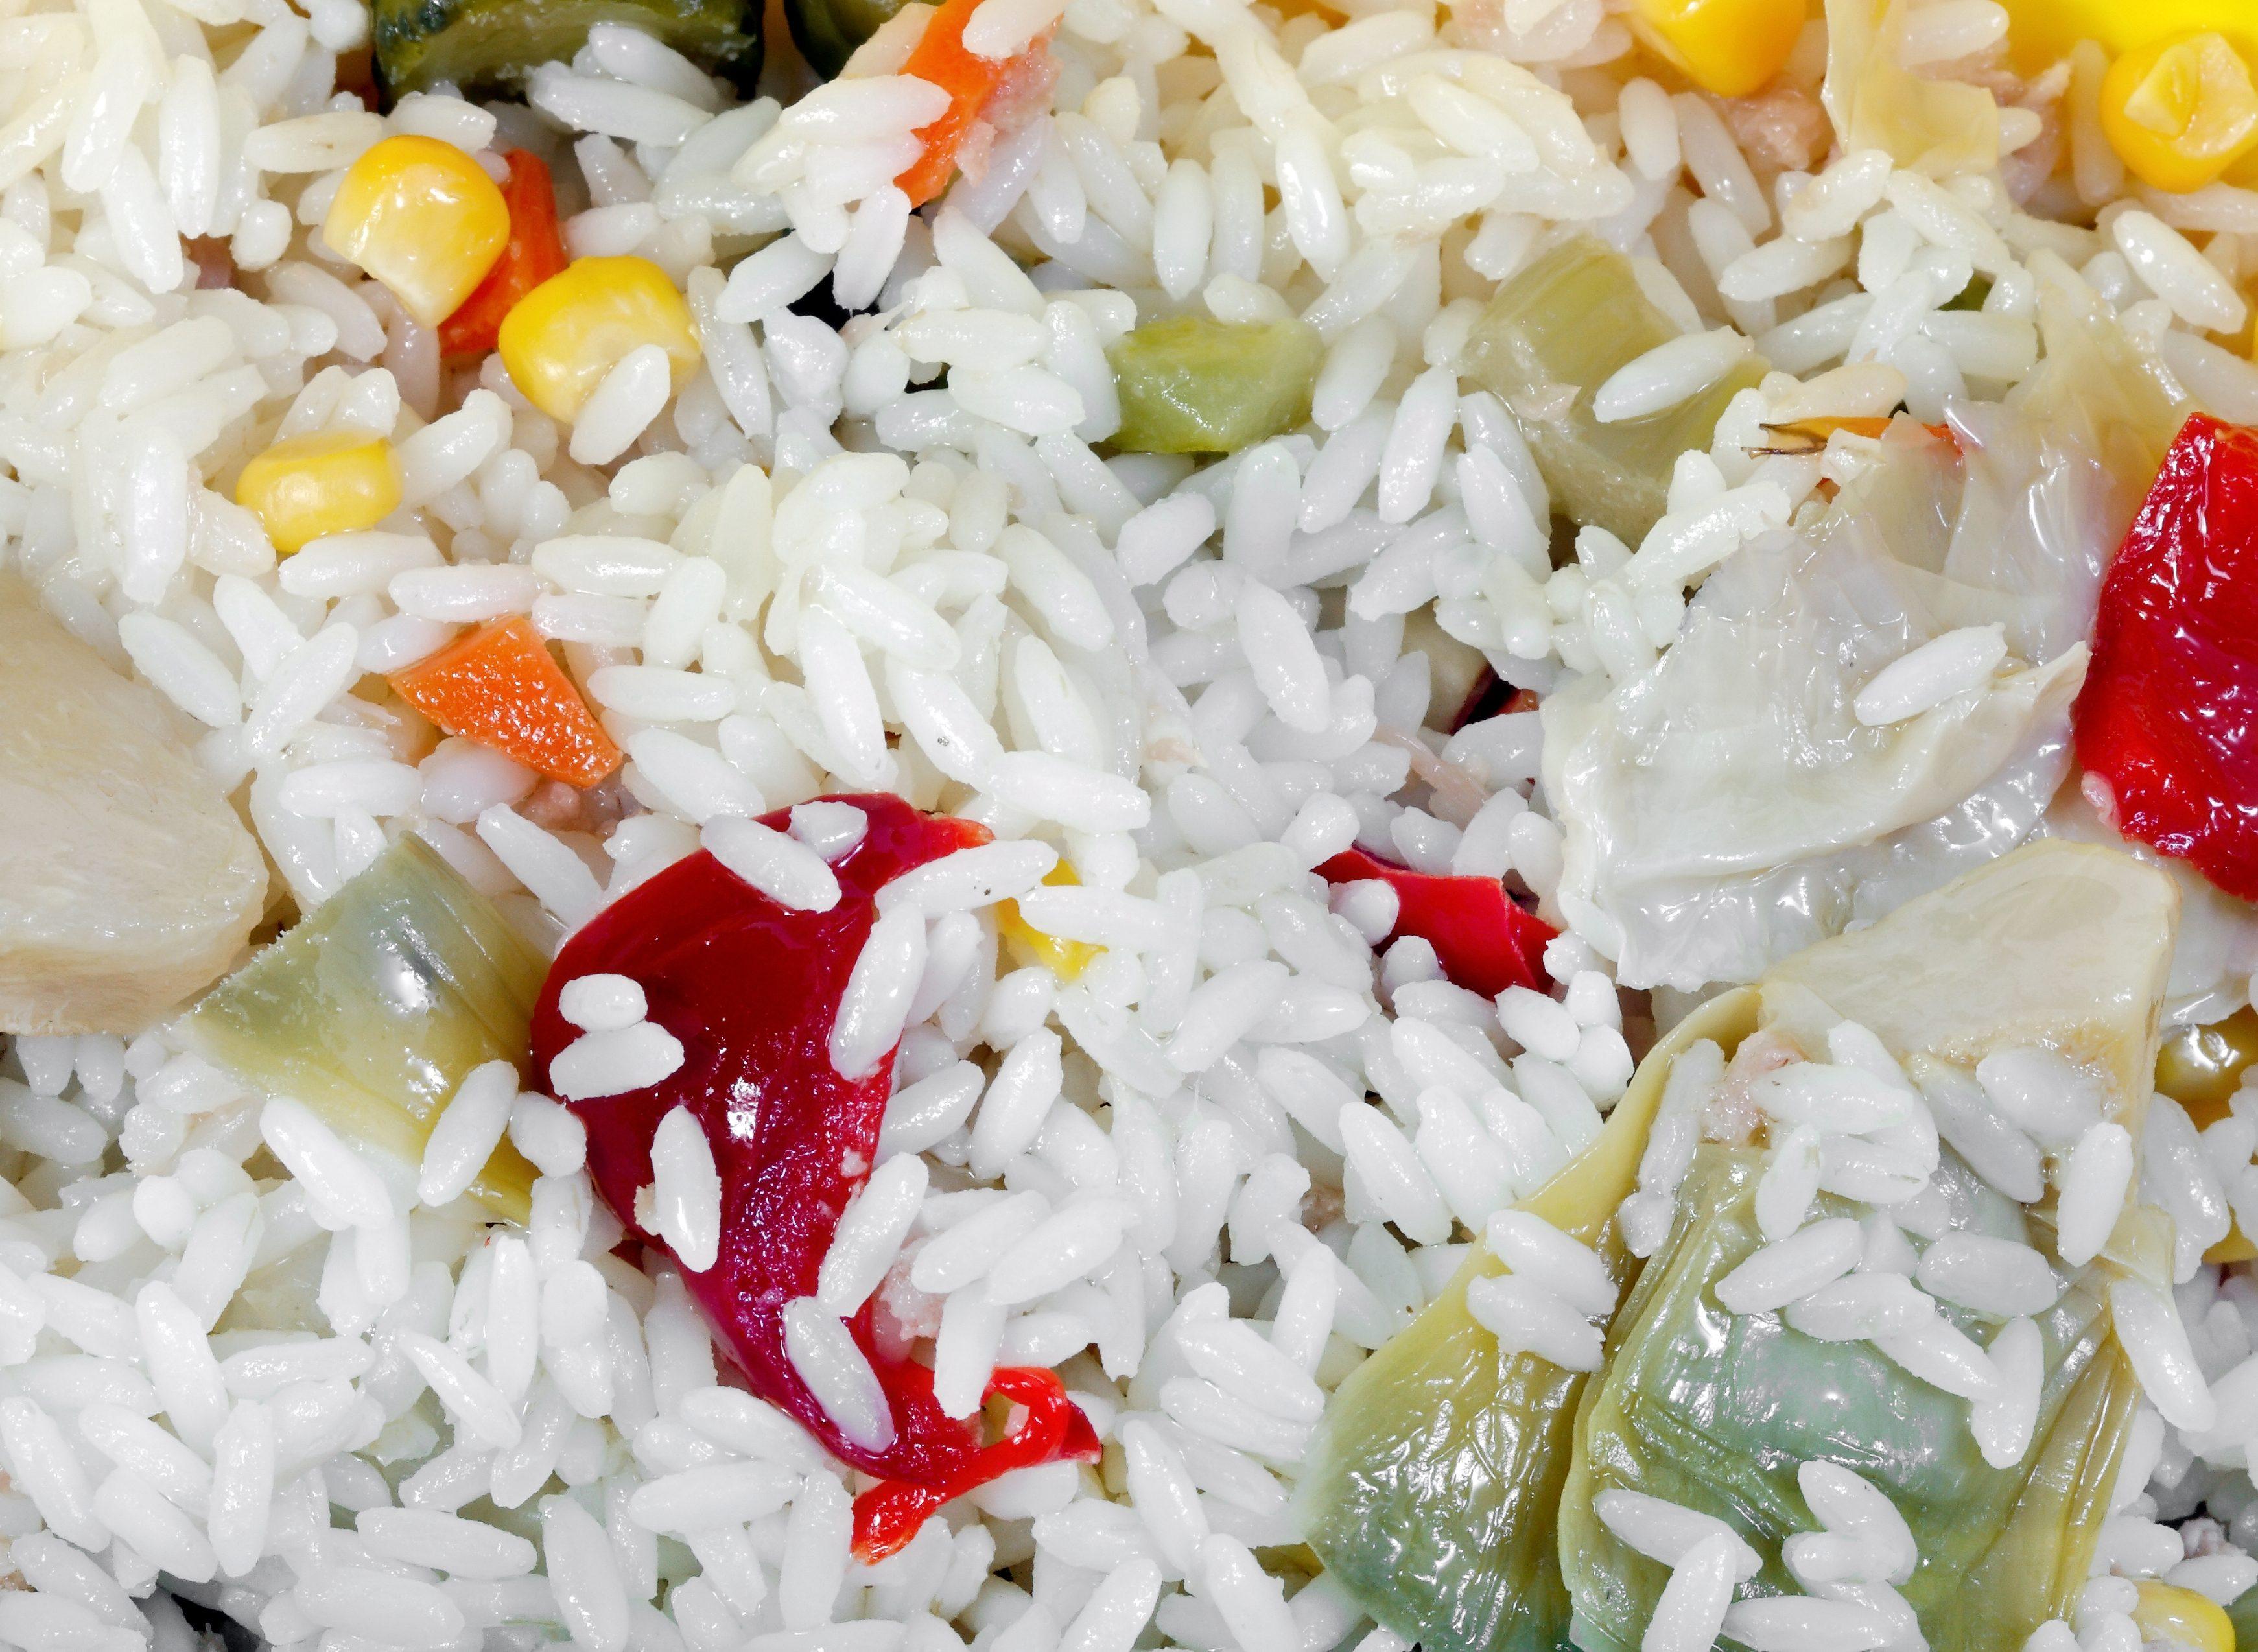 dieta morbida di riso bollito